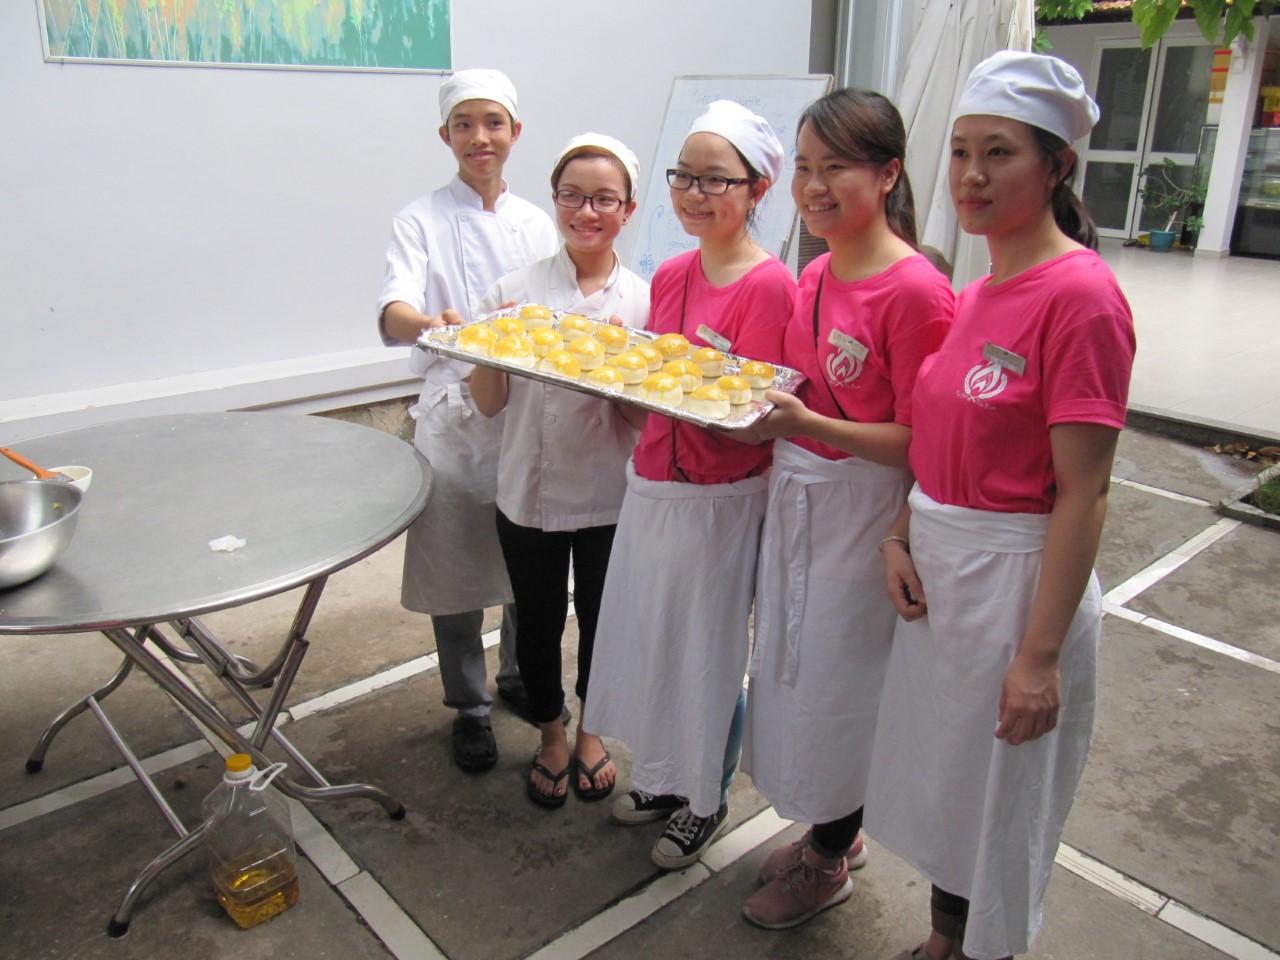 Zukunft gesichert – Lehrrestaurant kämpft sich durch die Corona-Krise